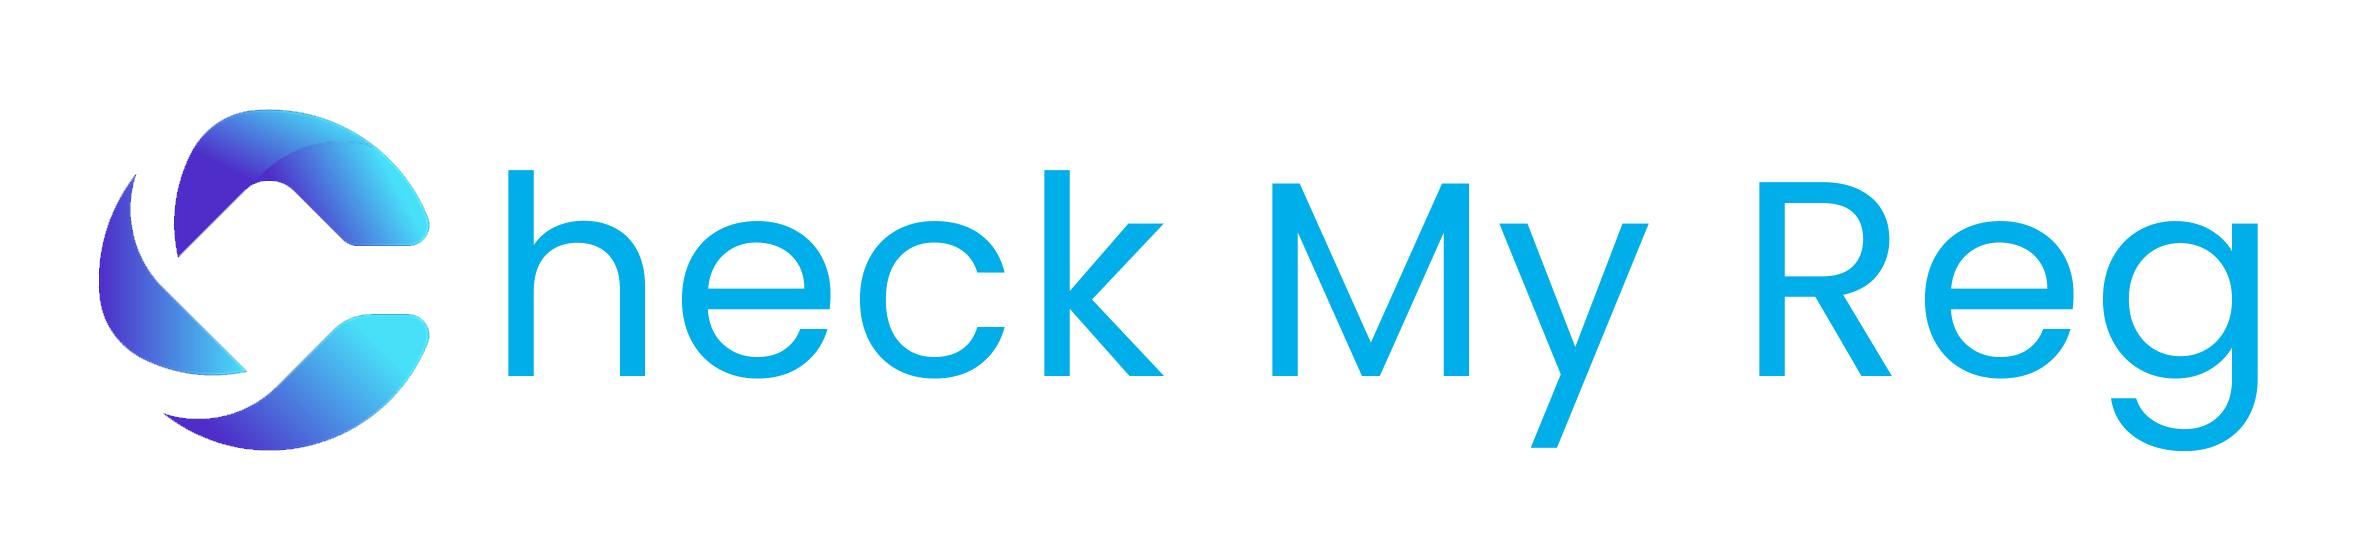 www.checkmyreg.com